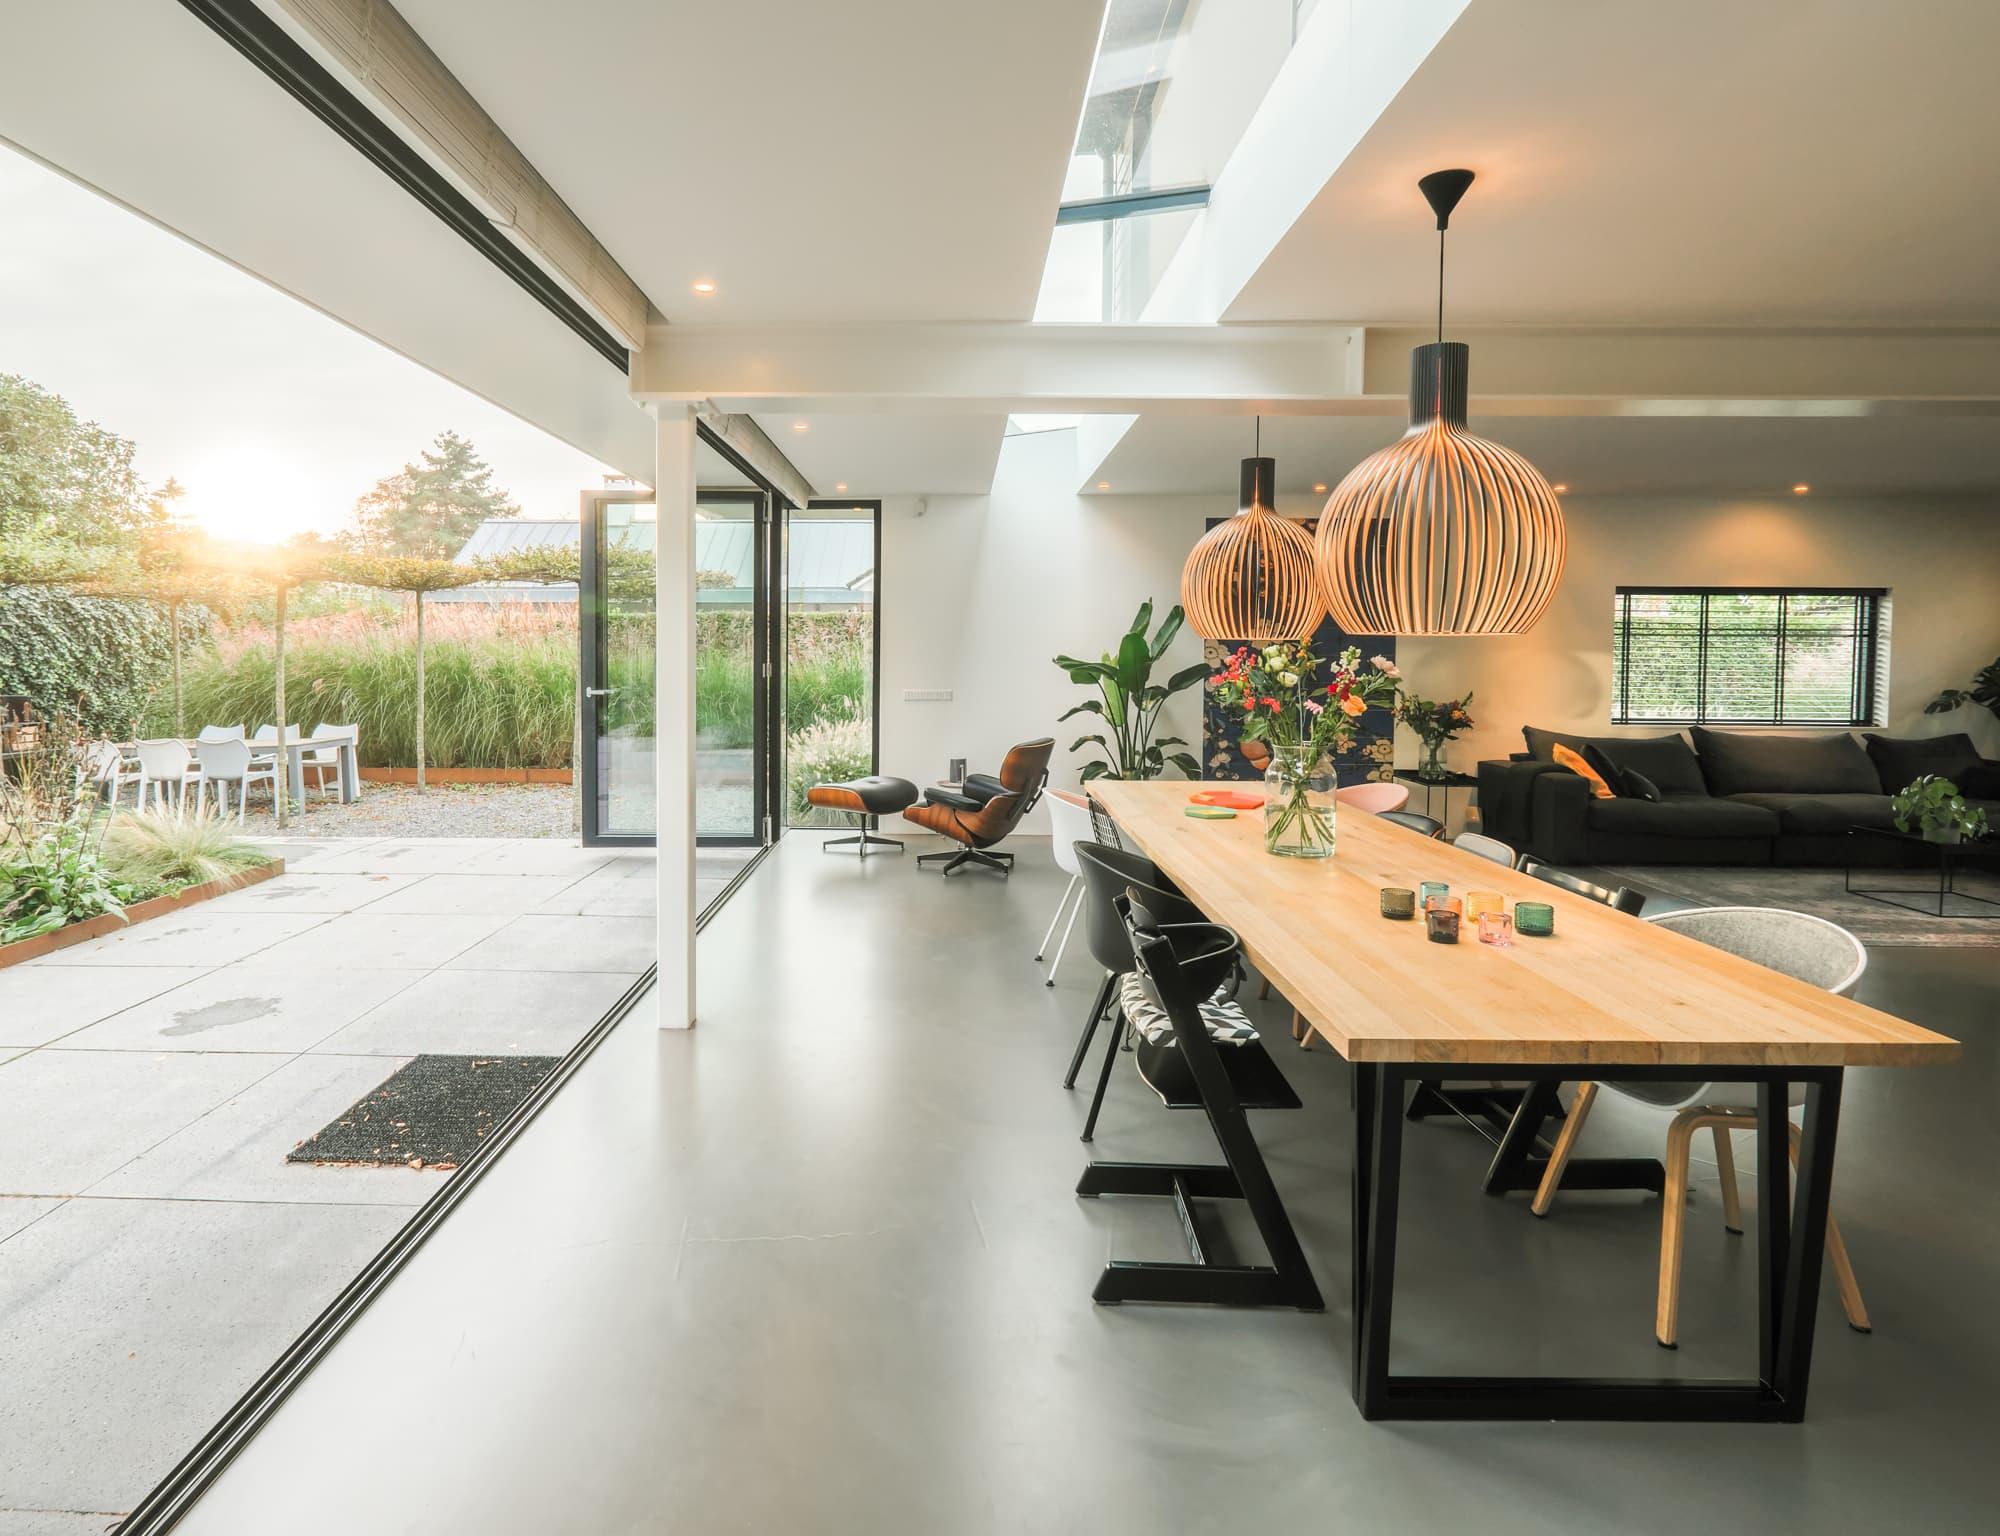 van-os-architecten-breda-ontwerp-moderne-aanbouw-met-aluminium-vouwschuifpui-volledig-geopend-richting-tuin